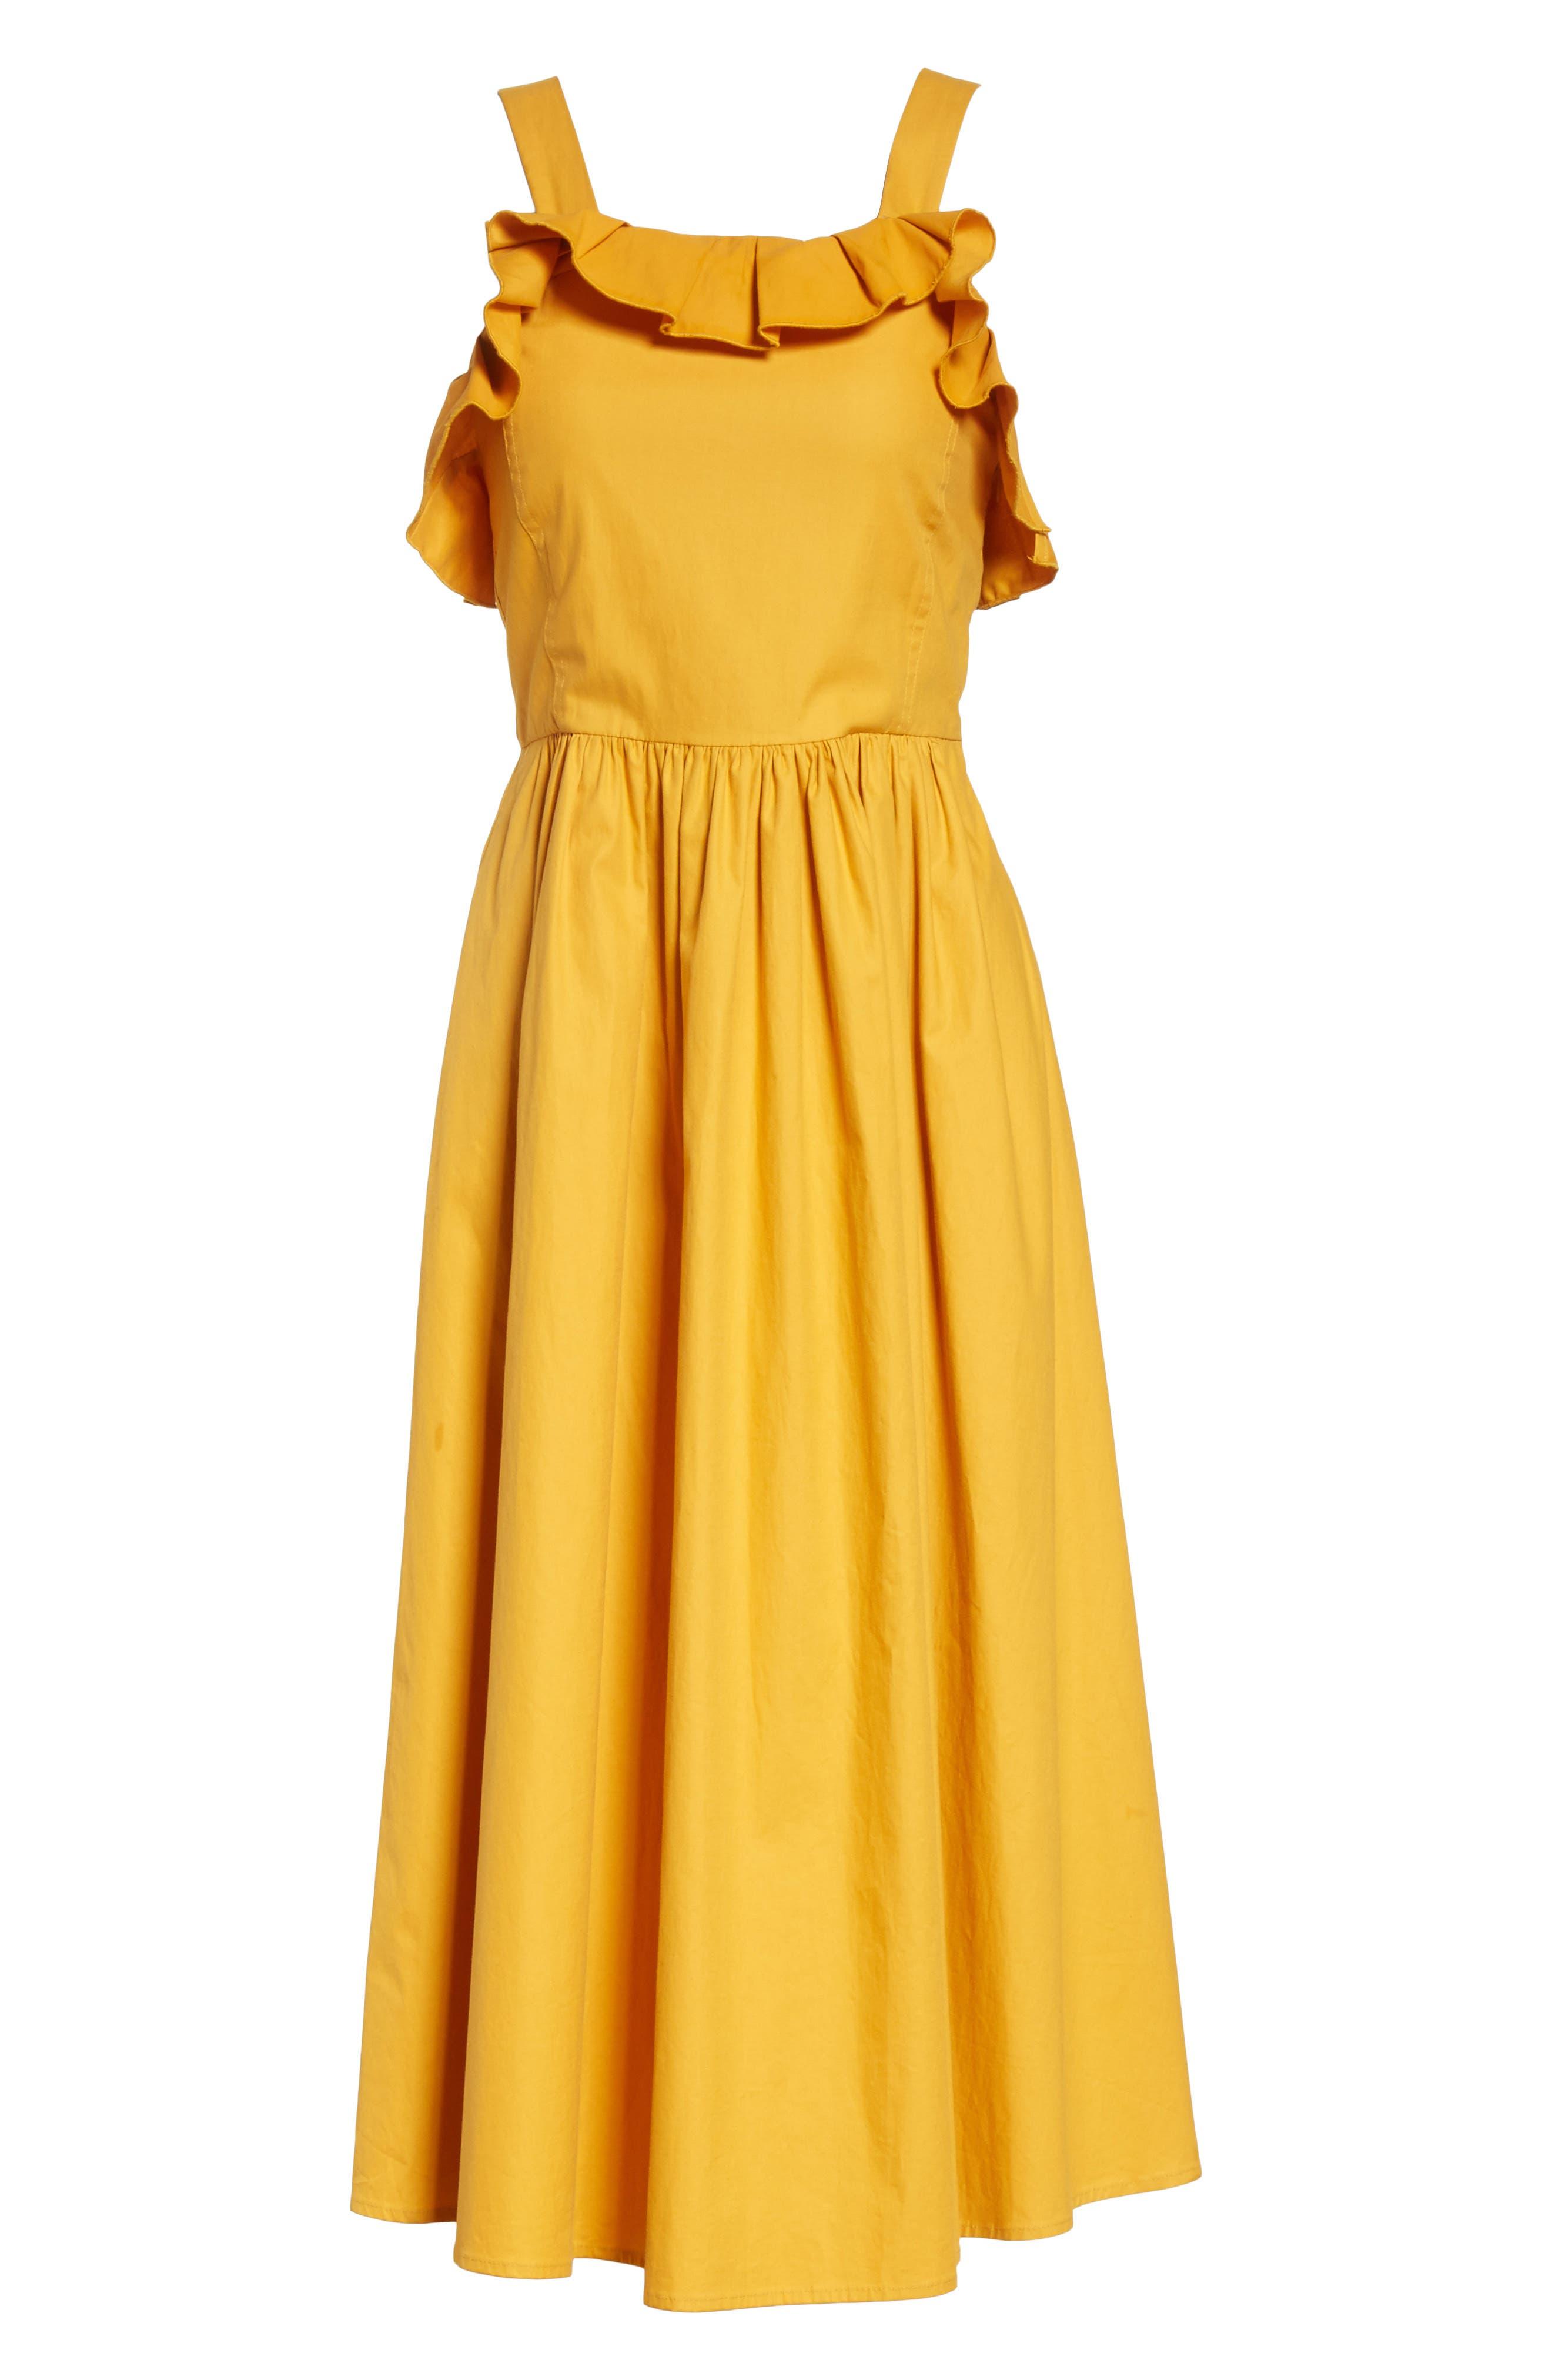 Sunrise Ruffle Midi Dress,                             Alternate thumbnail 6, color,                             800